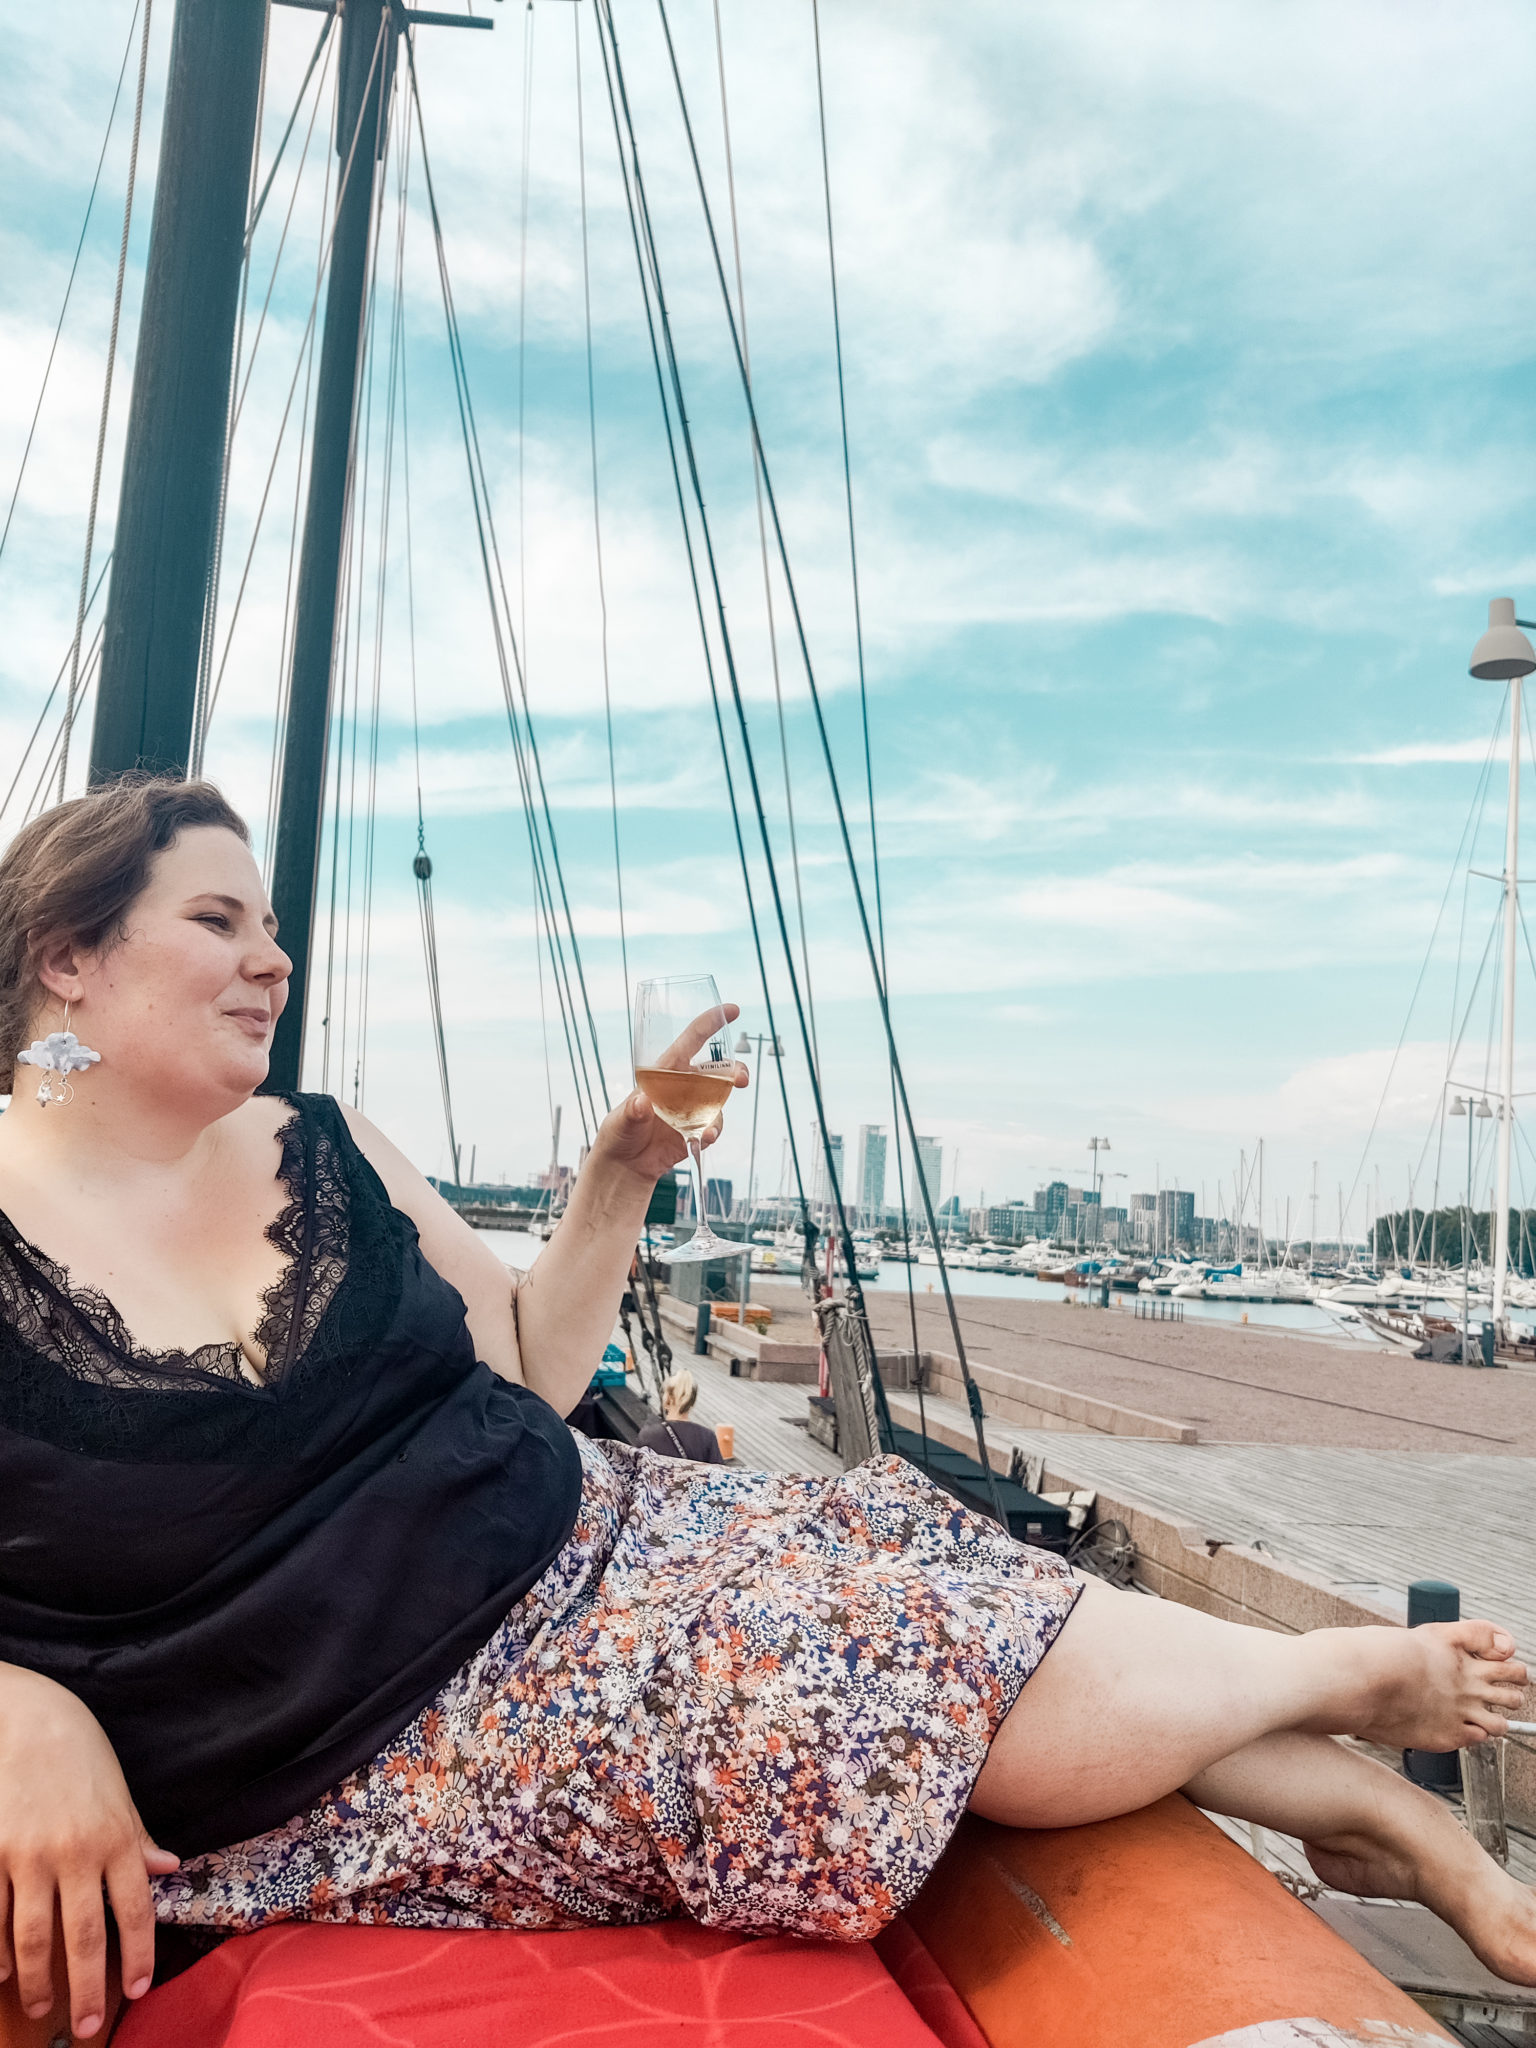 Viiniä pelastusveneessä -Døck - Kuunari - Ravintolat - Helsinki - #elämänikesä - BMH - Big mamas home by Jenni